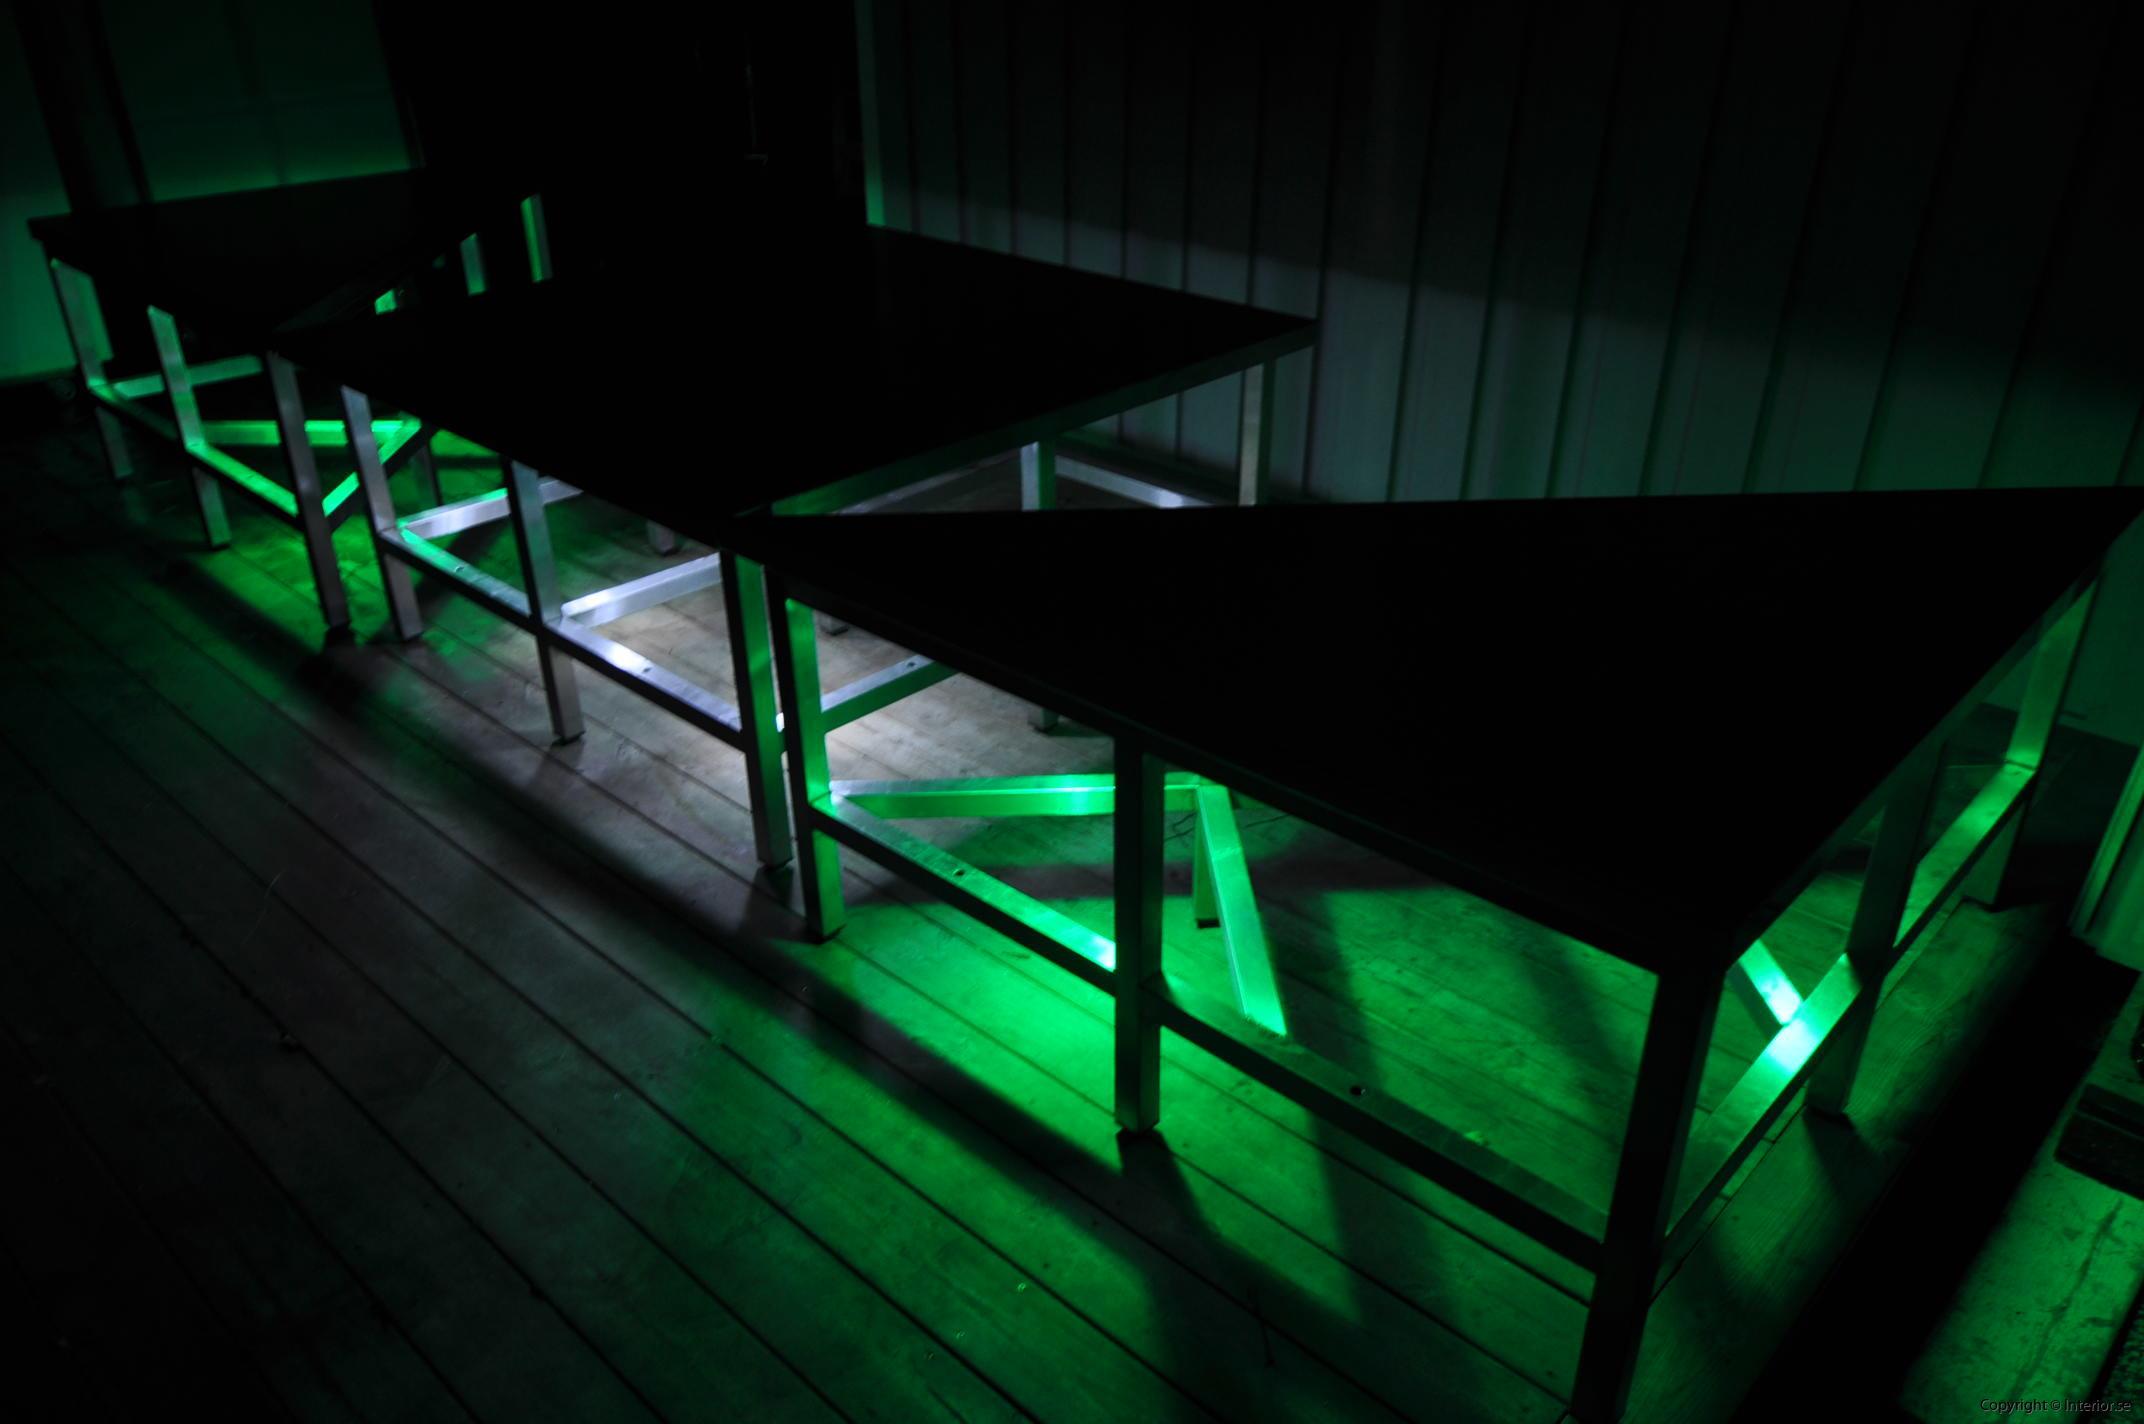 hyra scen podier podium rostfri dansscen hyr stockholm event möbler inredning (17)